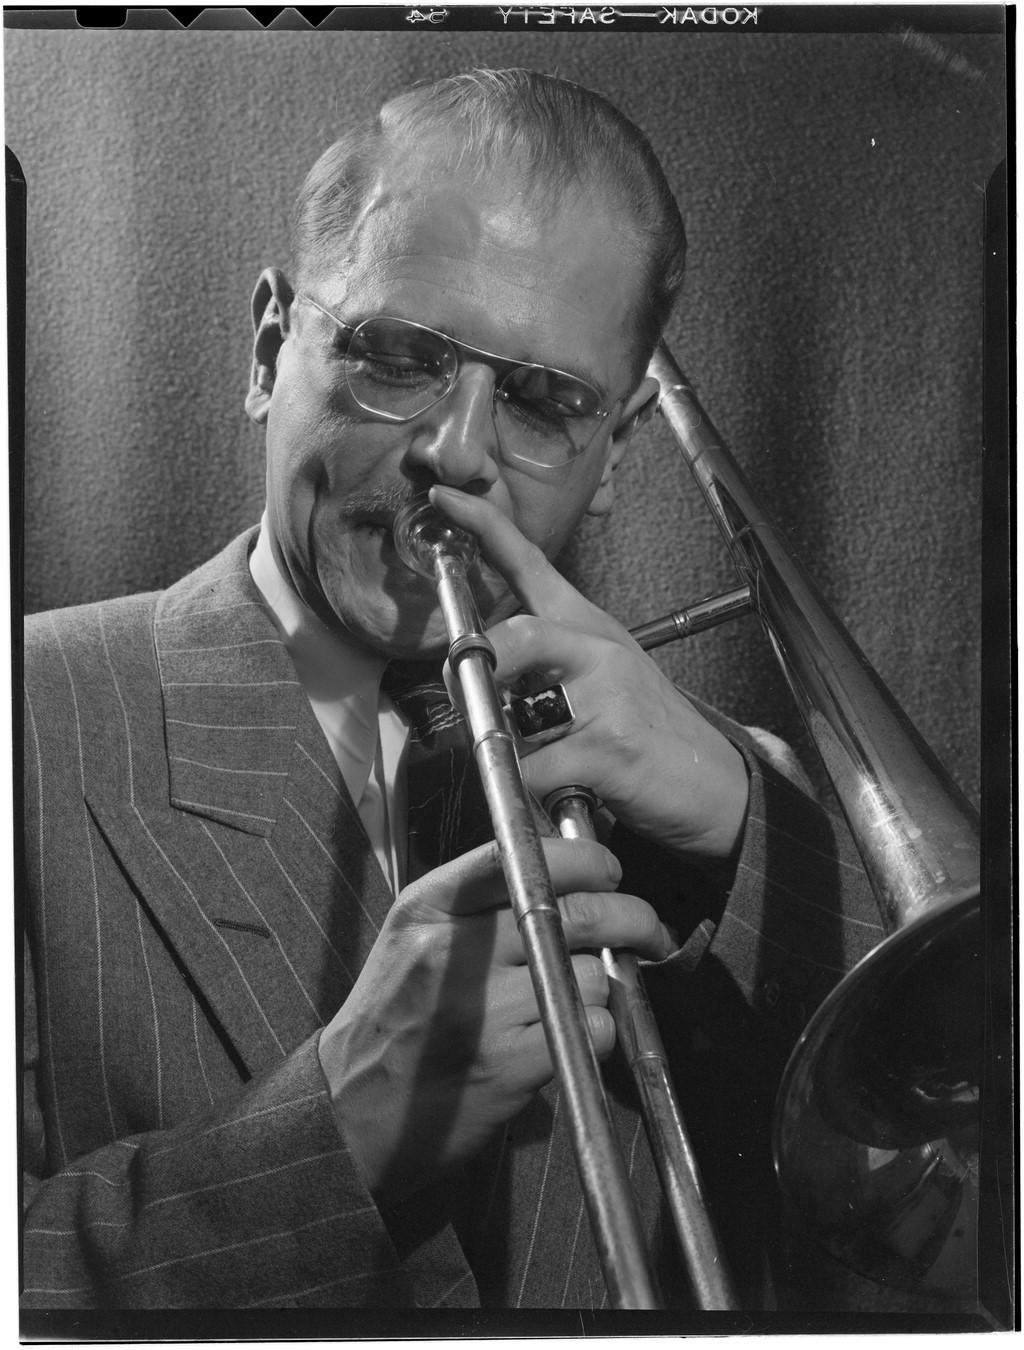 Αποτέλεσμα εικόνας για Bill Harris jazz